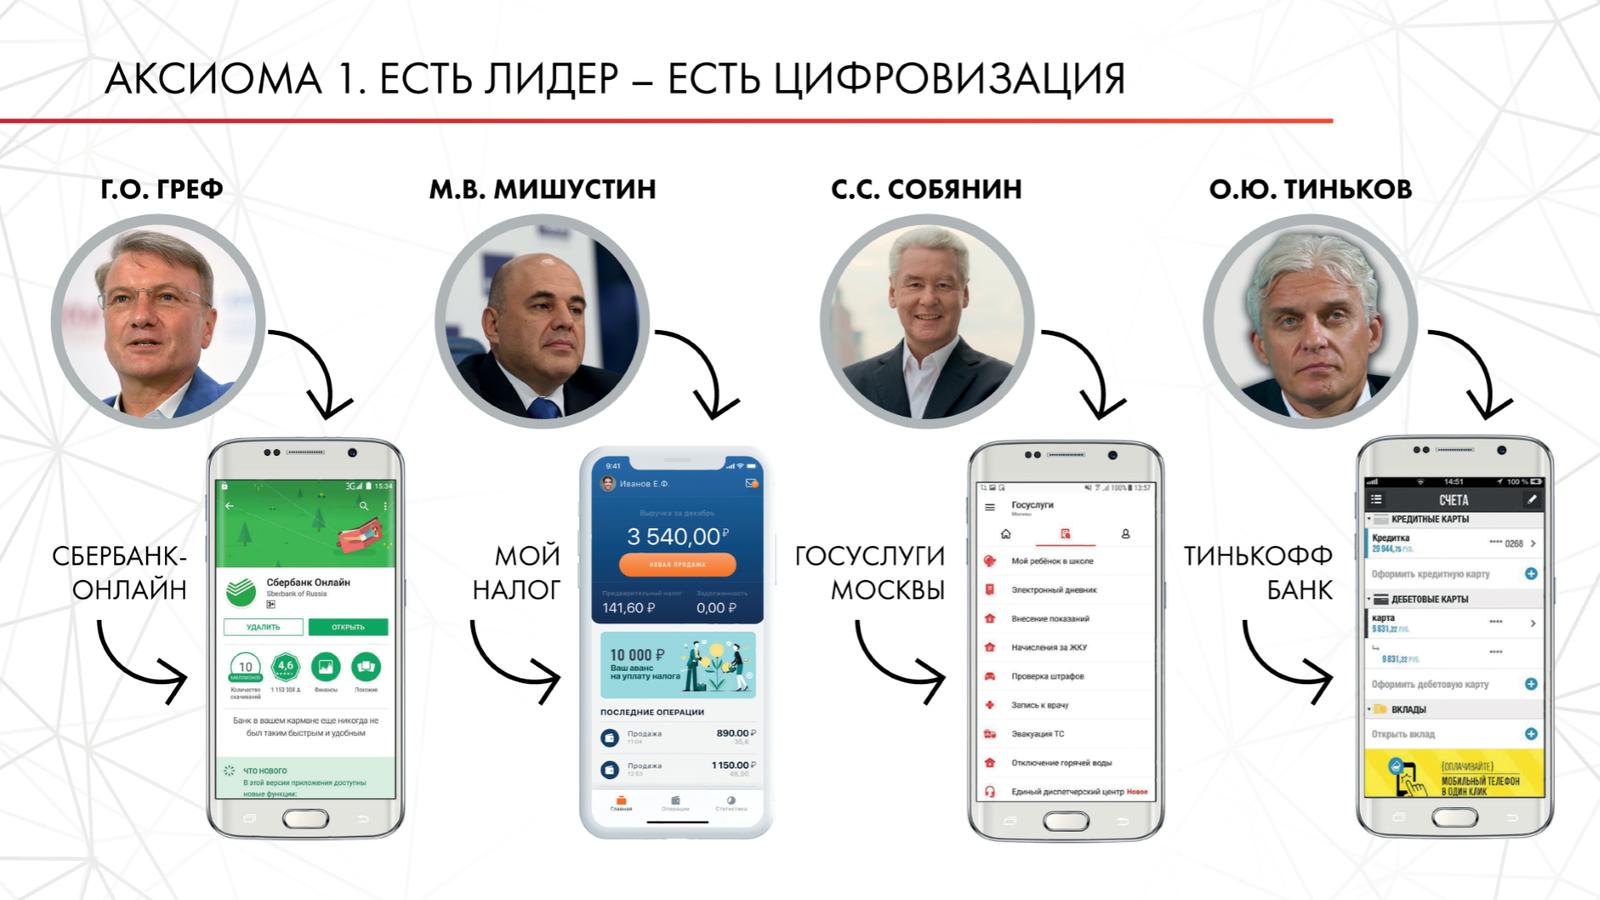 Андрей Воробьев губернатор московской области - Цифровизация — экономия денег и истребление коррупции